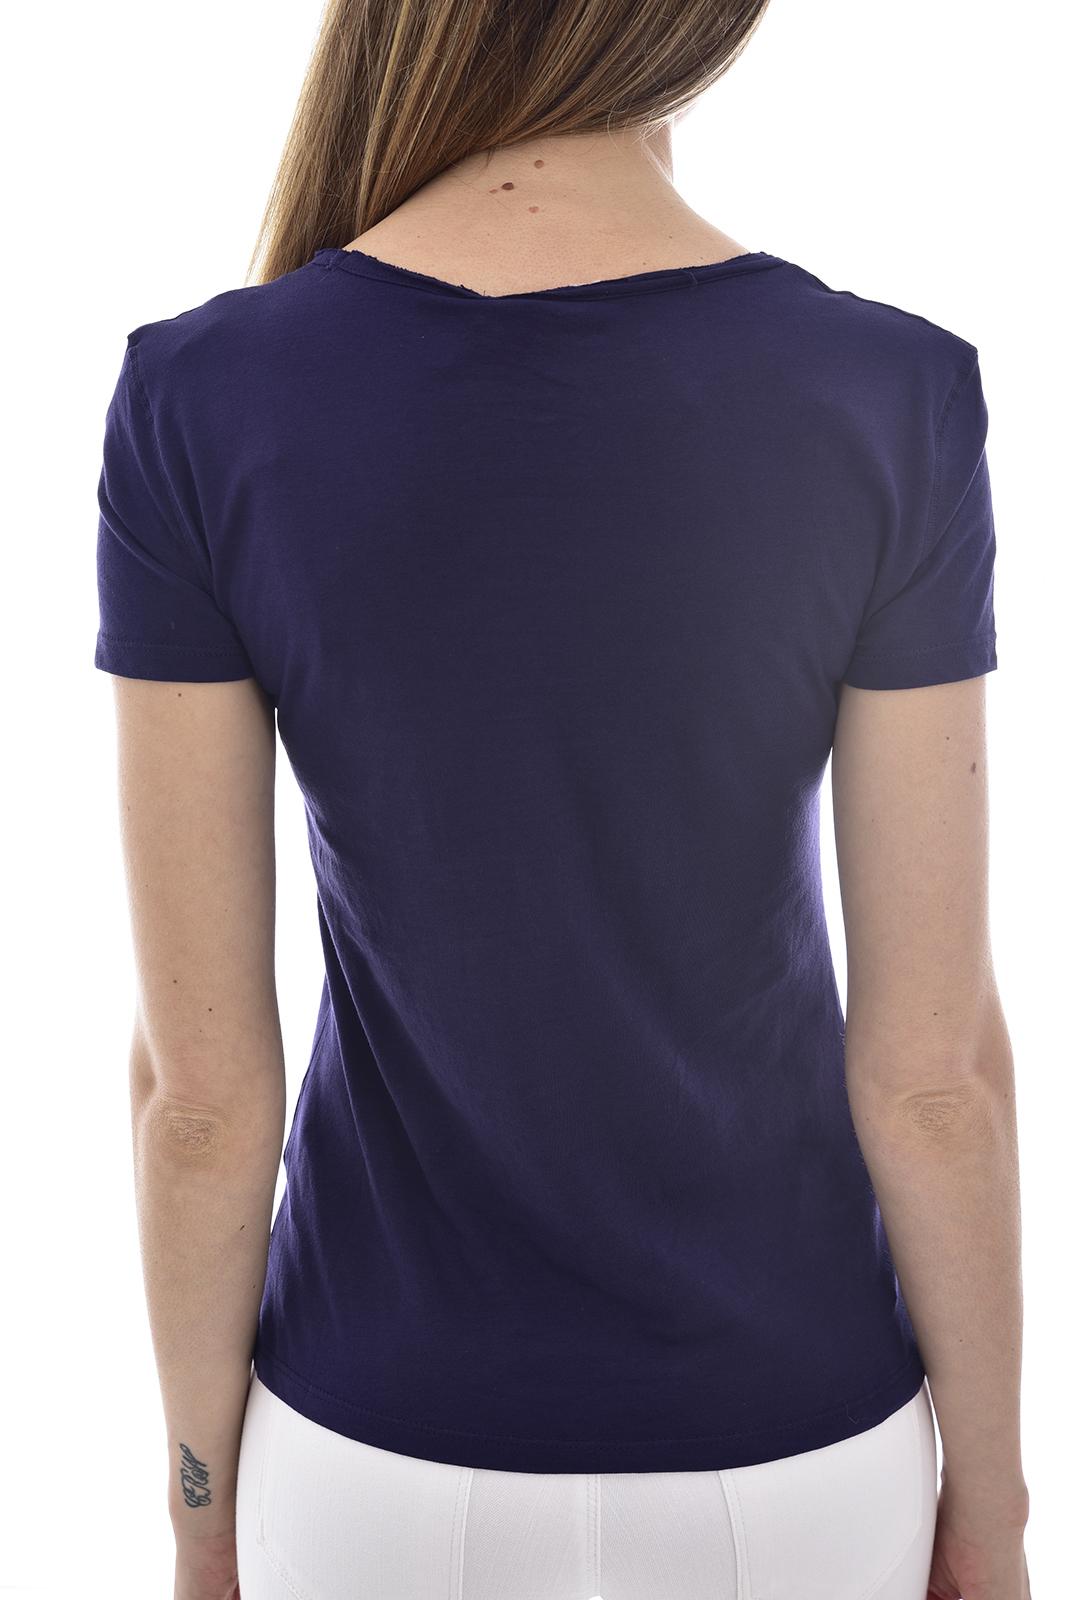 Tee shirt  Kaporal BULSE OUTREMER